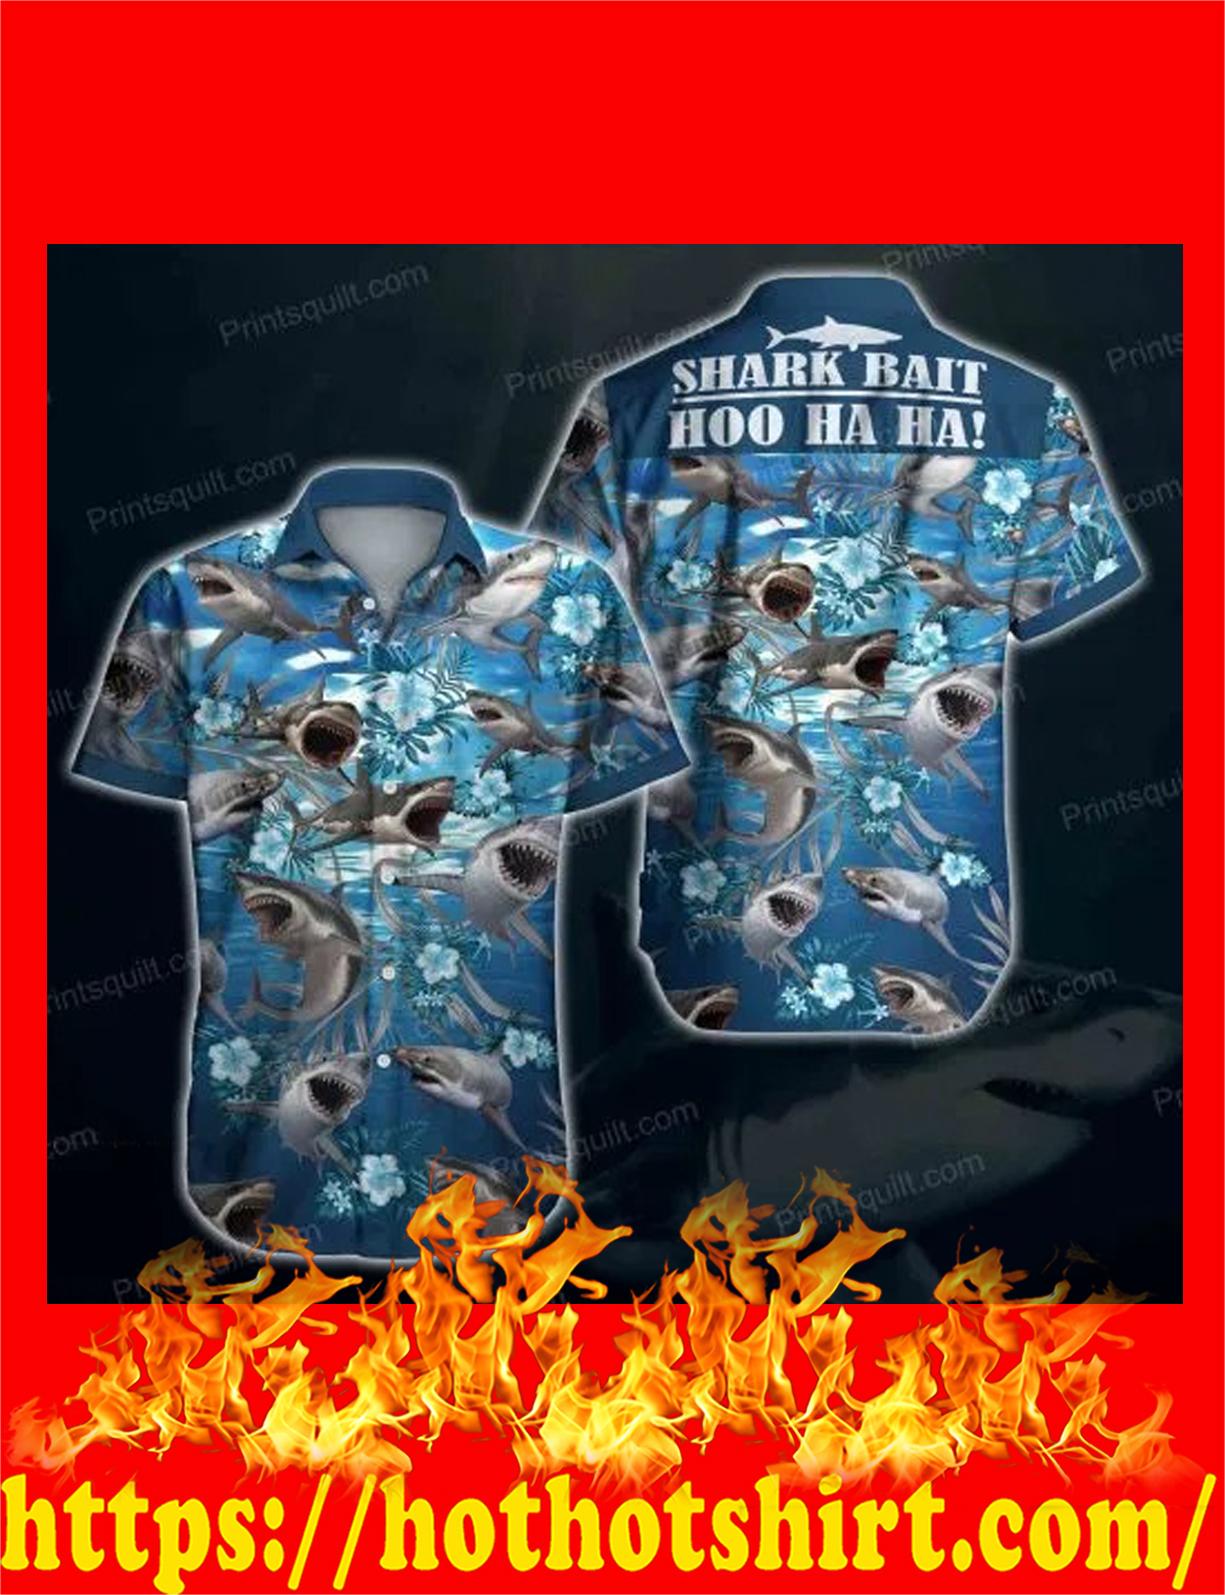 Shark bait hoo ha ha hawaiaan shirt - detail